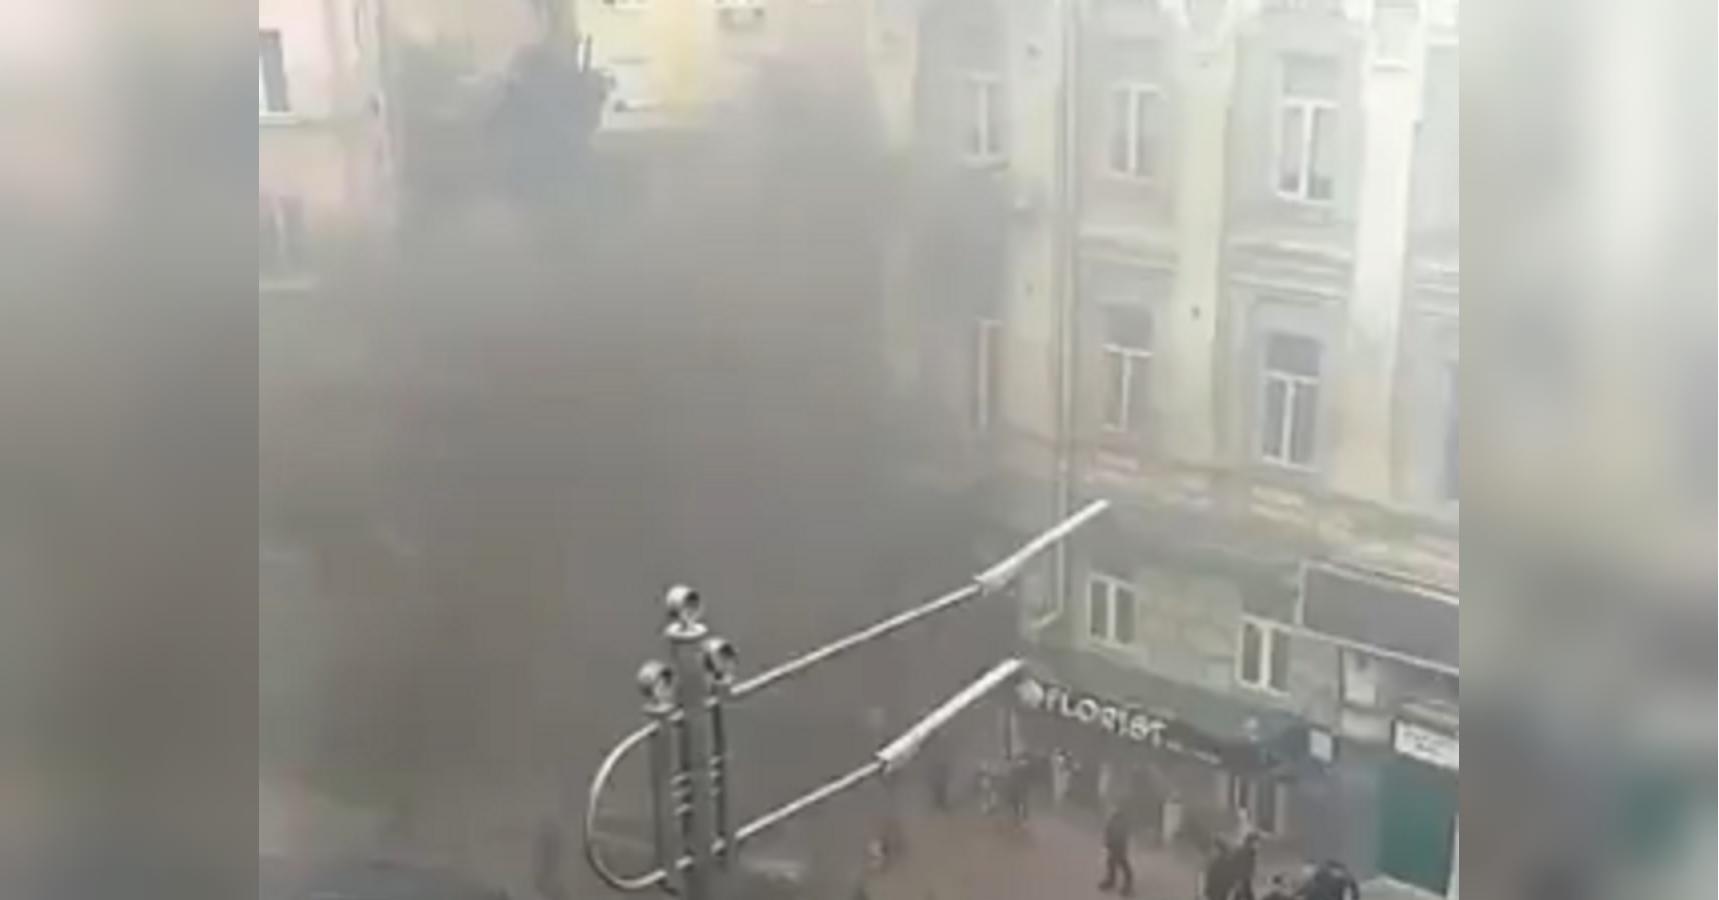 СМИ сообщили о взрыве возле офиса Медведчука: видео с места инцидента